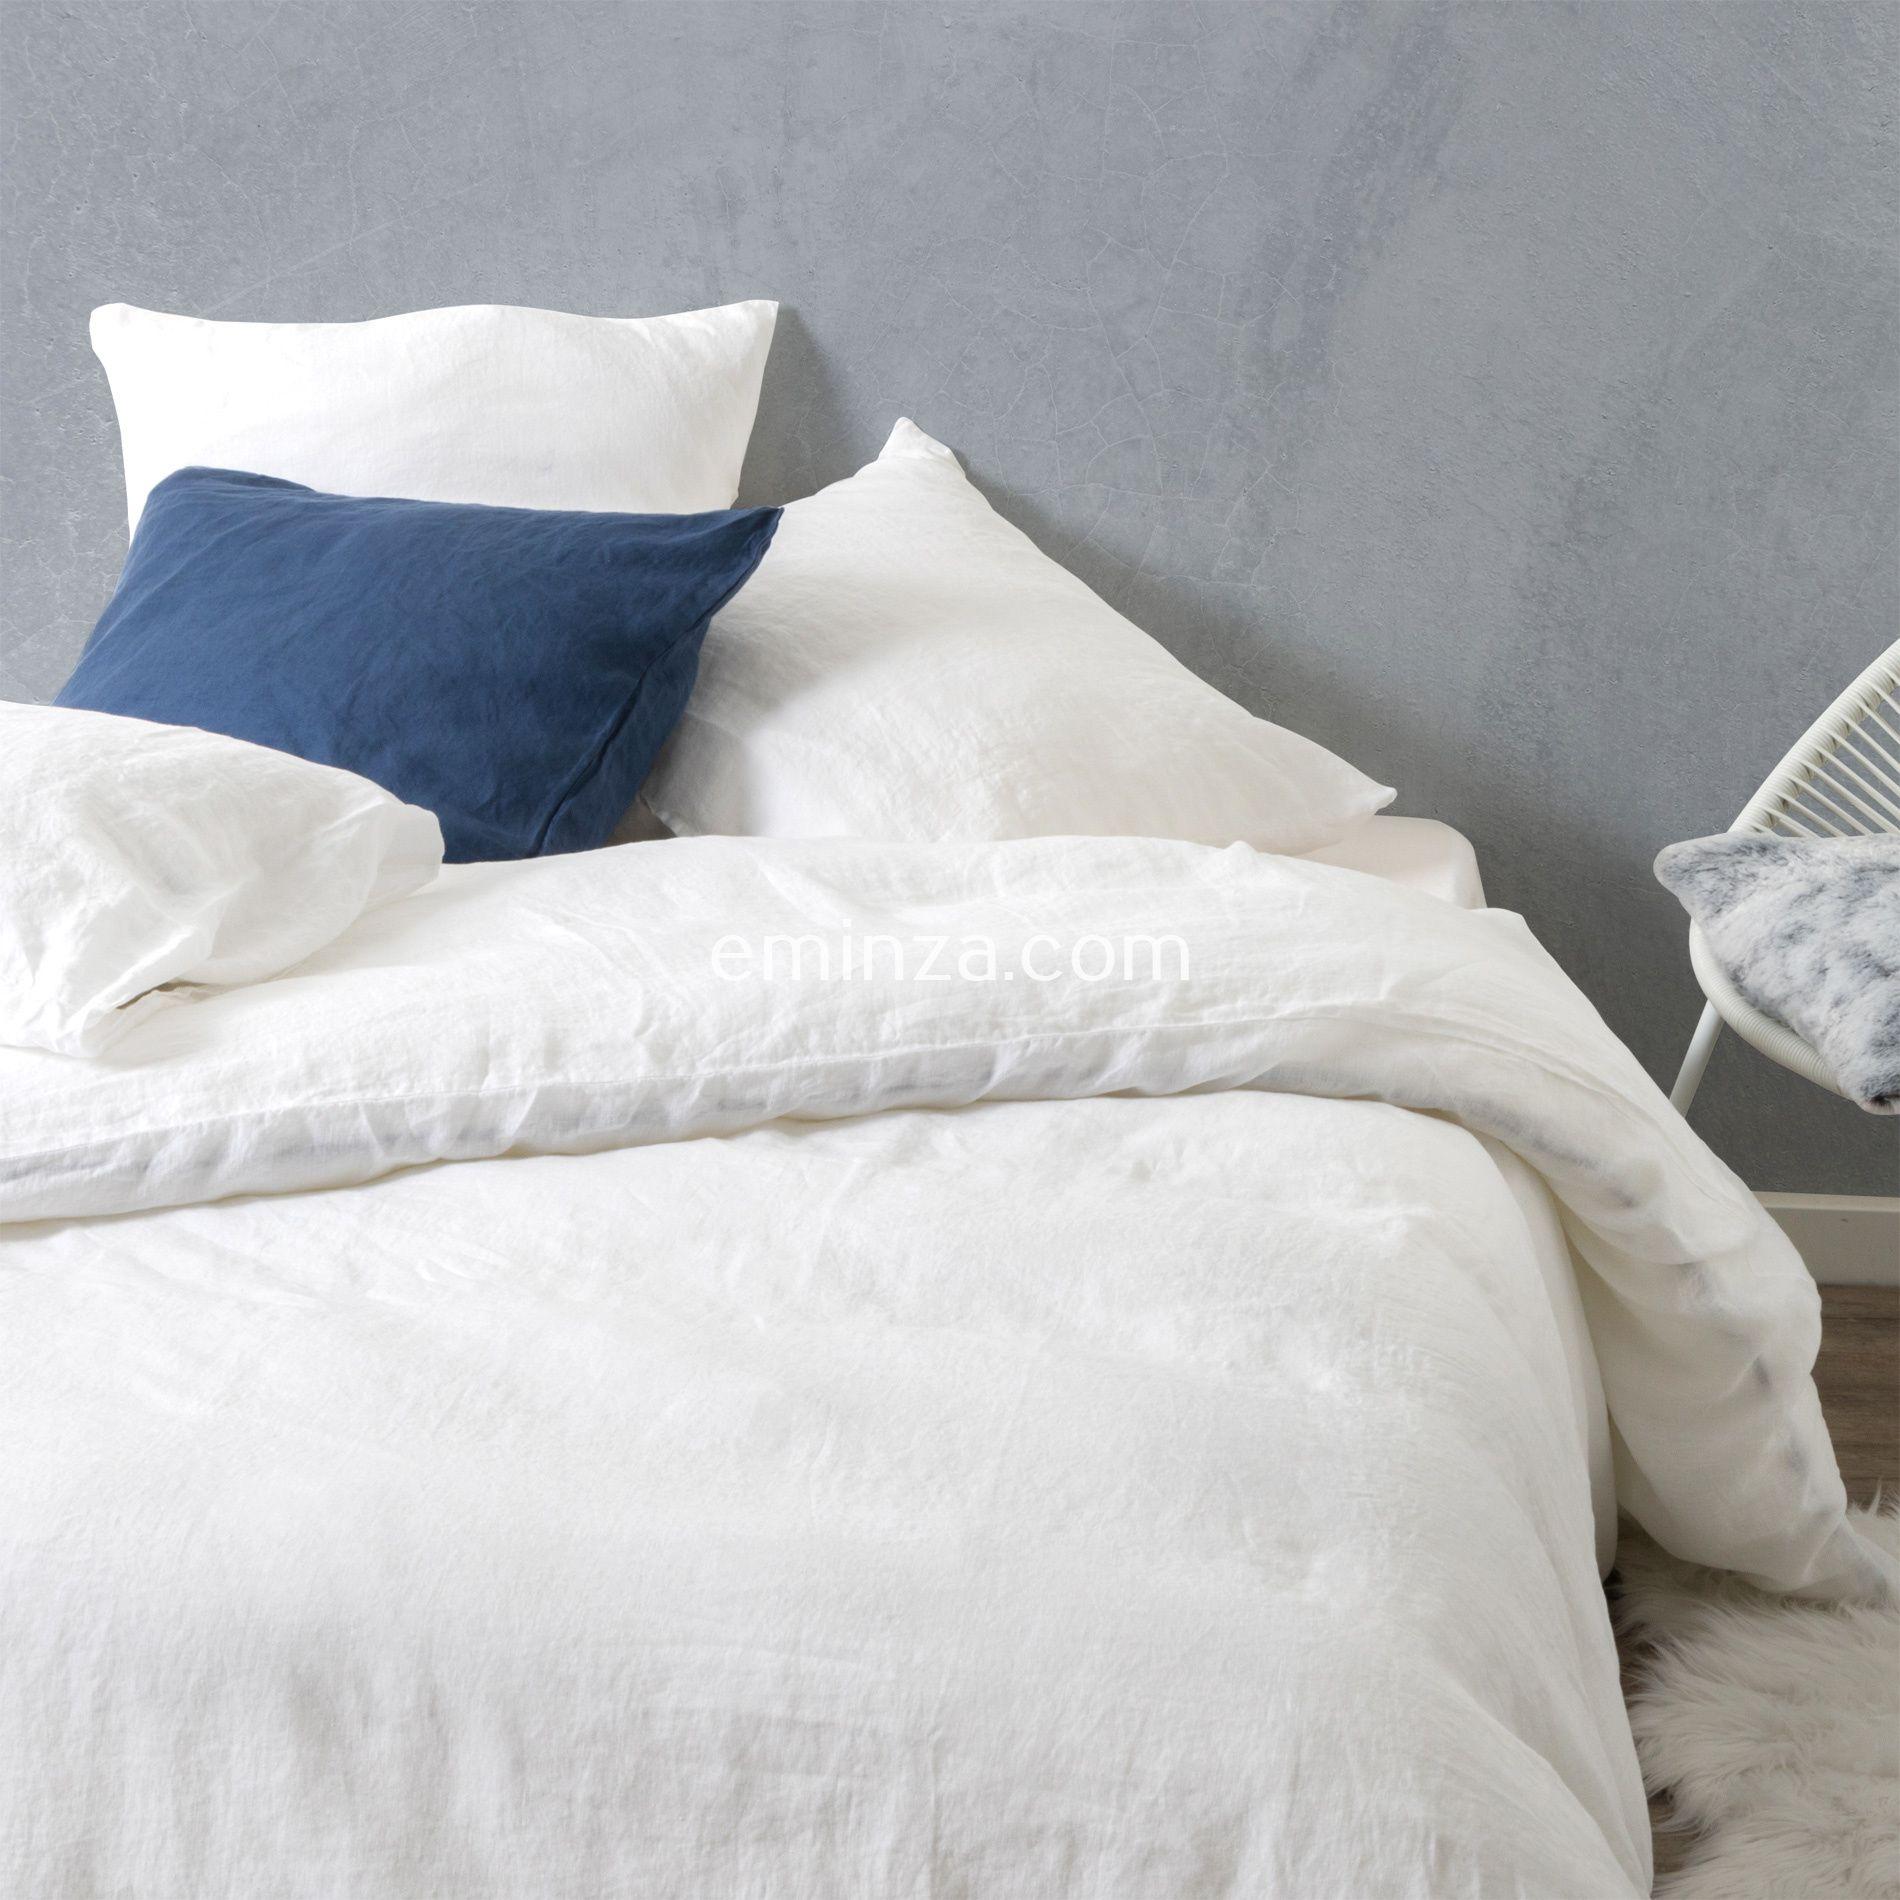 housse de couette 240 cm lin lav pure blanc neige housse de couette eminza. Black Bedroom Furniture Sets. Home Design Ideas